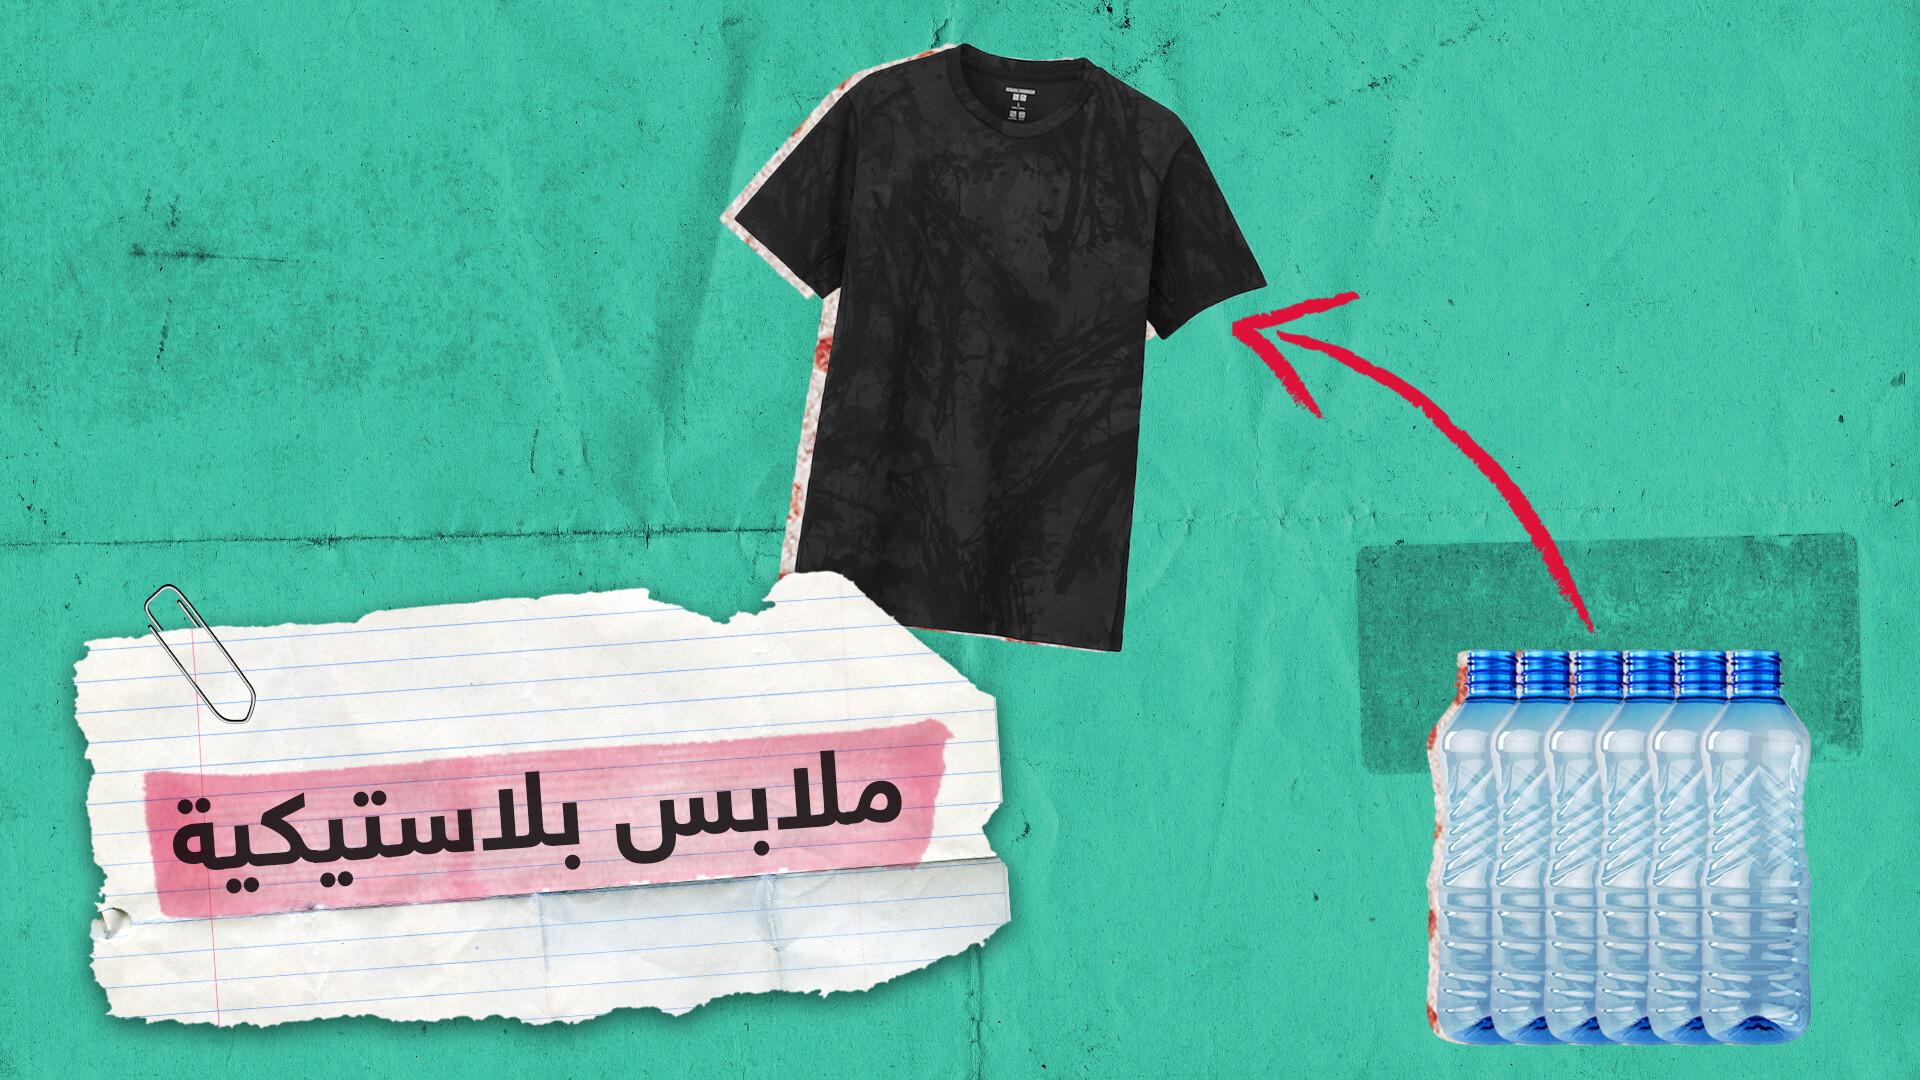 قميصك الجديد قد يكون مصنوعا من البلاستيك المعاد تدويره!